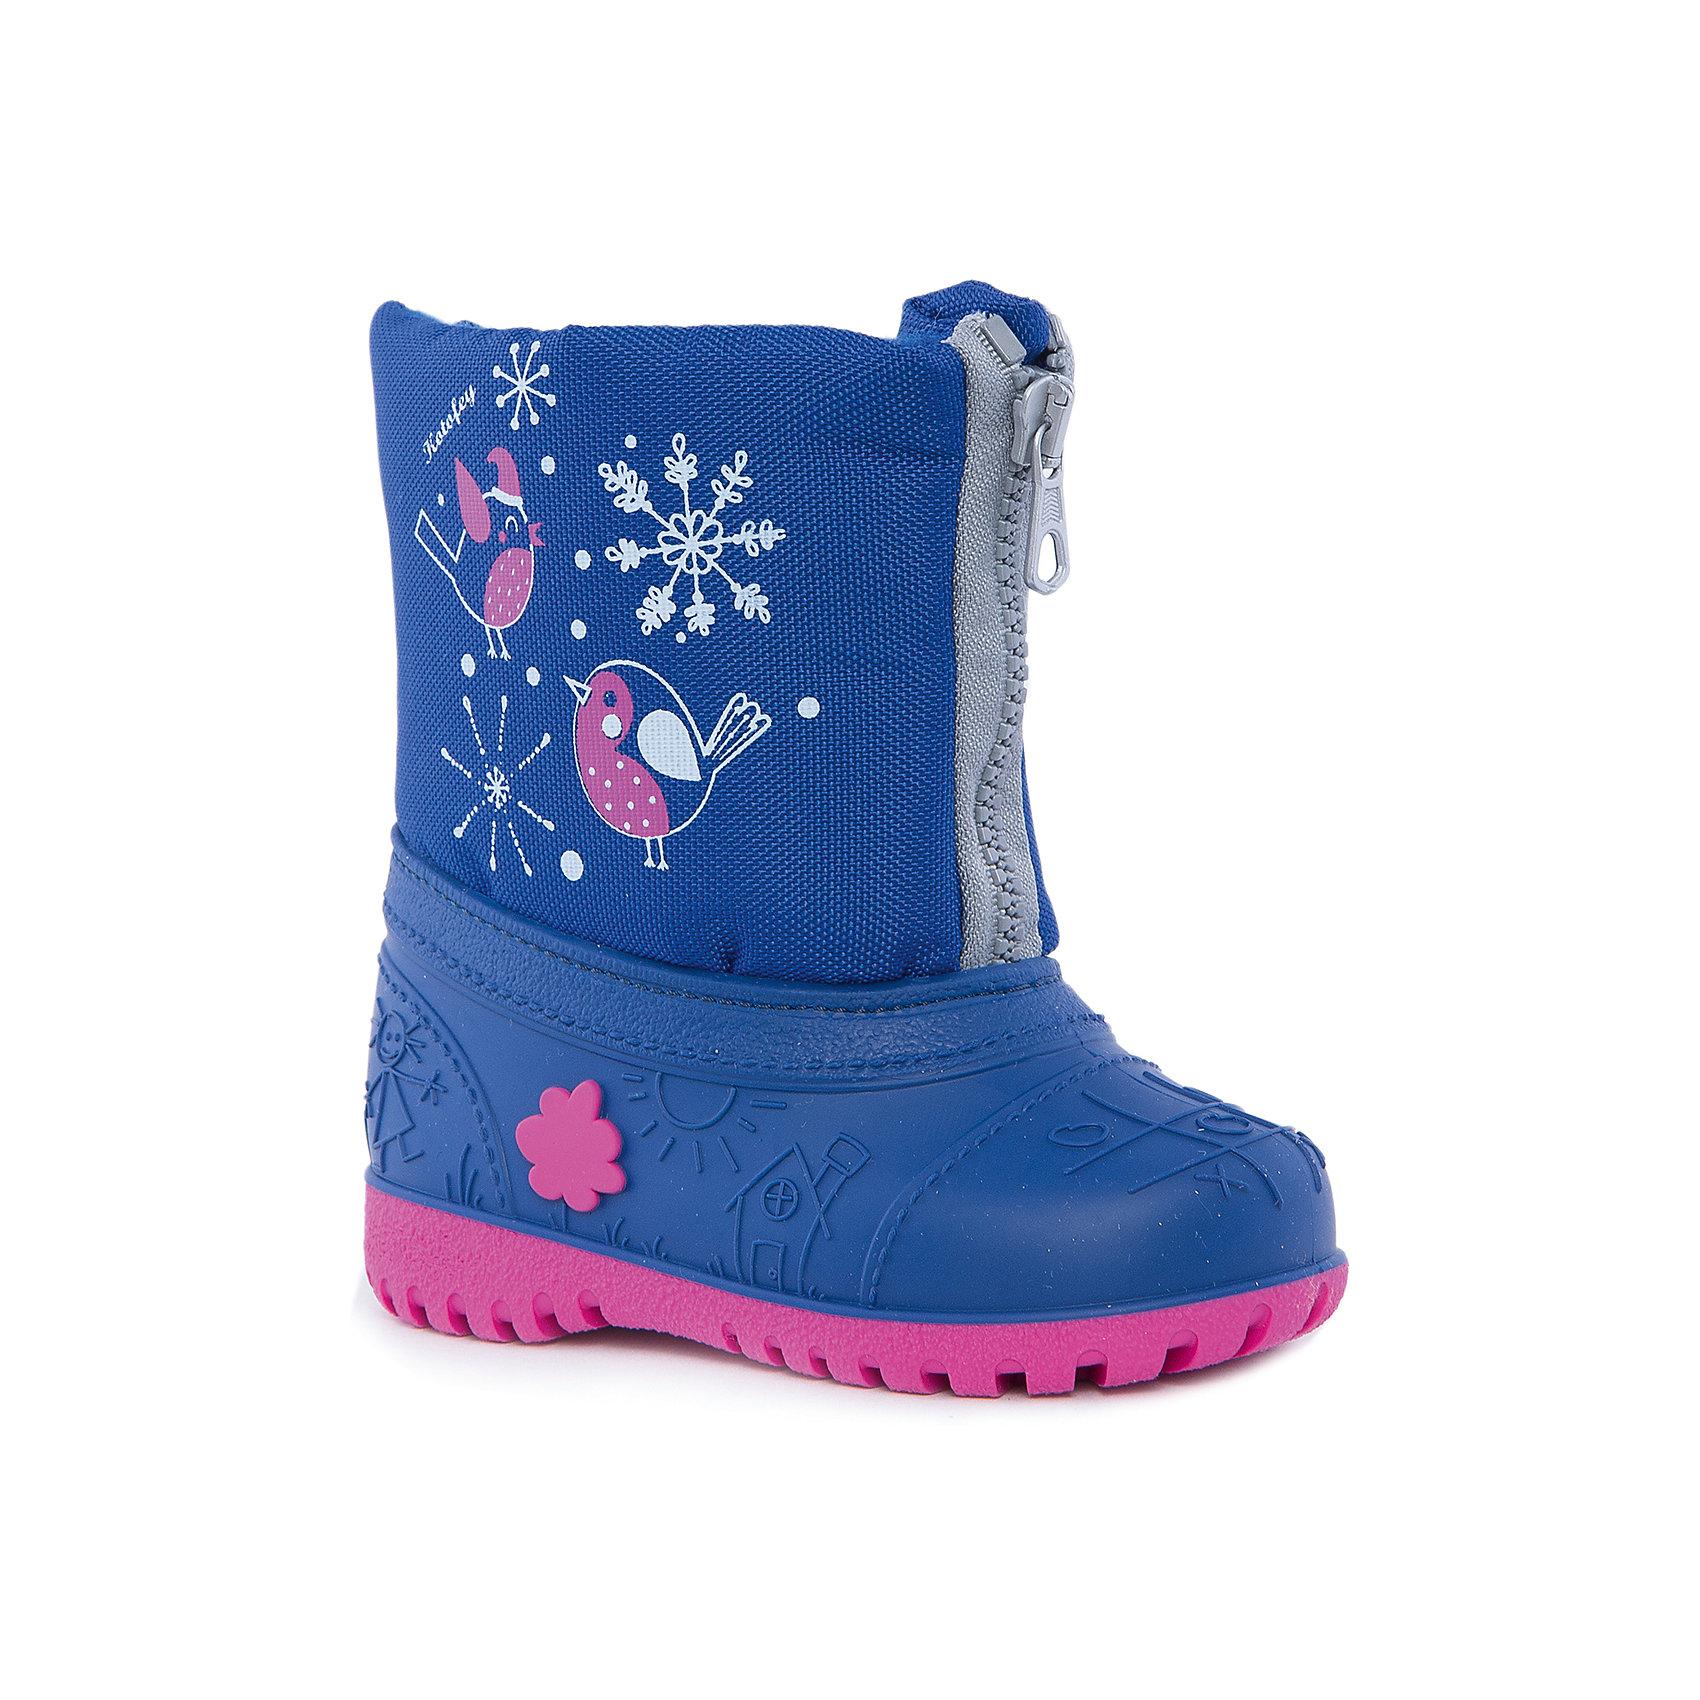 Сноубутсы для девочки КотофейСноубутсы<br>Котофей – качественная и стильная детская обувь по доступным ценам. С каждым днем популярность бренда растет.  При выборе обуви важно следить, чтобы модель была не только красивой и удобной, то и теплой, а так же защищала ножки малыша от промокания. Сочетание резиновых сапог и теплых зимних ботинок создало уникальную модель из новой коллекции.<br><br>Дополнительная информация:<br><br>цвет: синий-фуксия;<br>вид крепления: прошивной;<br>застежка: шнуровка с креплением;<br>температурный режим: от -15 °С до +5° С.<br><br>Состав:<br>материал верха – комбинированный;<br>подкладка – мех шерстяной;<br>подошва – мегол.<br><br>Зимние сапожки из прочных и качественных материалов для девочки ясельного возраста от фирмы Котофей можно приобрести у нас в магазине.<br><br>Ширина мм: 257<br>Глубина мм: 180<br>Высота мм: 130<br>Вес г: 420<br>Цвет: синий<br>Возраст от месяцев: 18<br>Возраст до месяцев: 24<br>Пол: Женский<br>Возраст: Детский<br>Размер: 21/22,23/24,25/26<br>SKU: 4982361